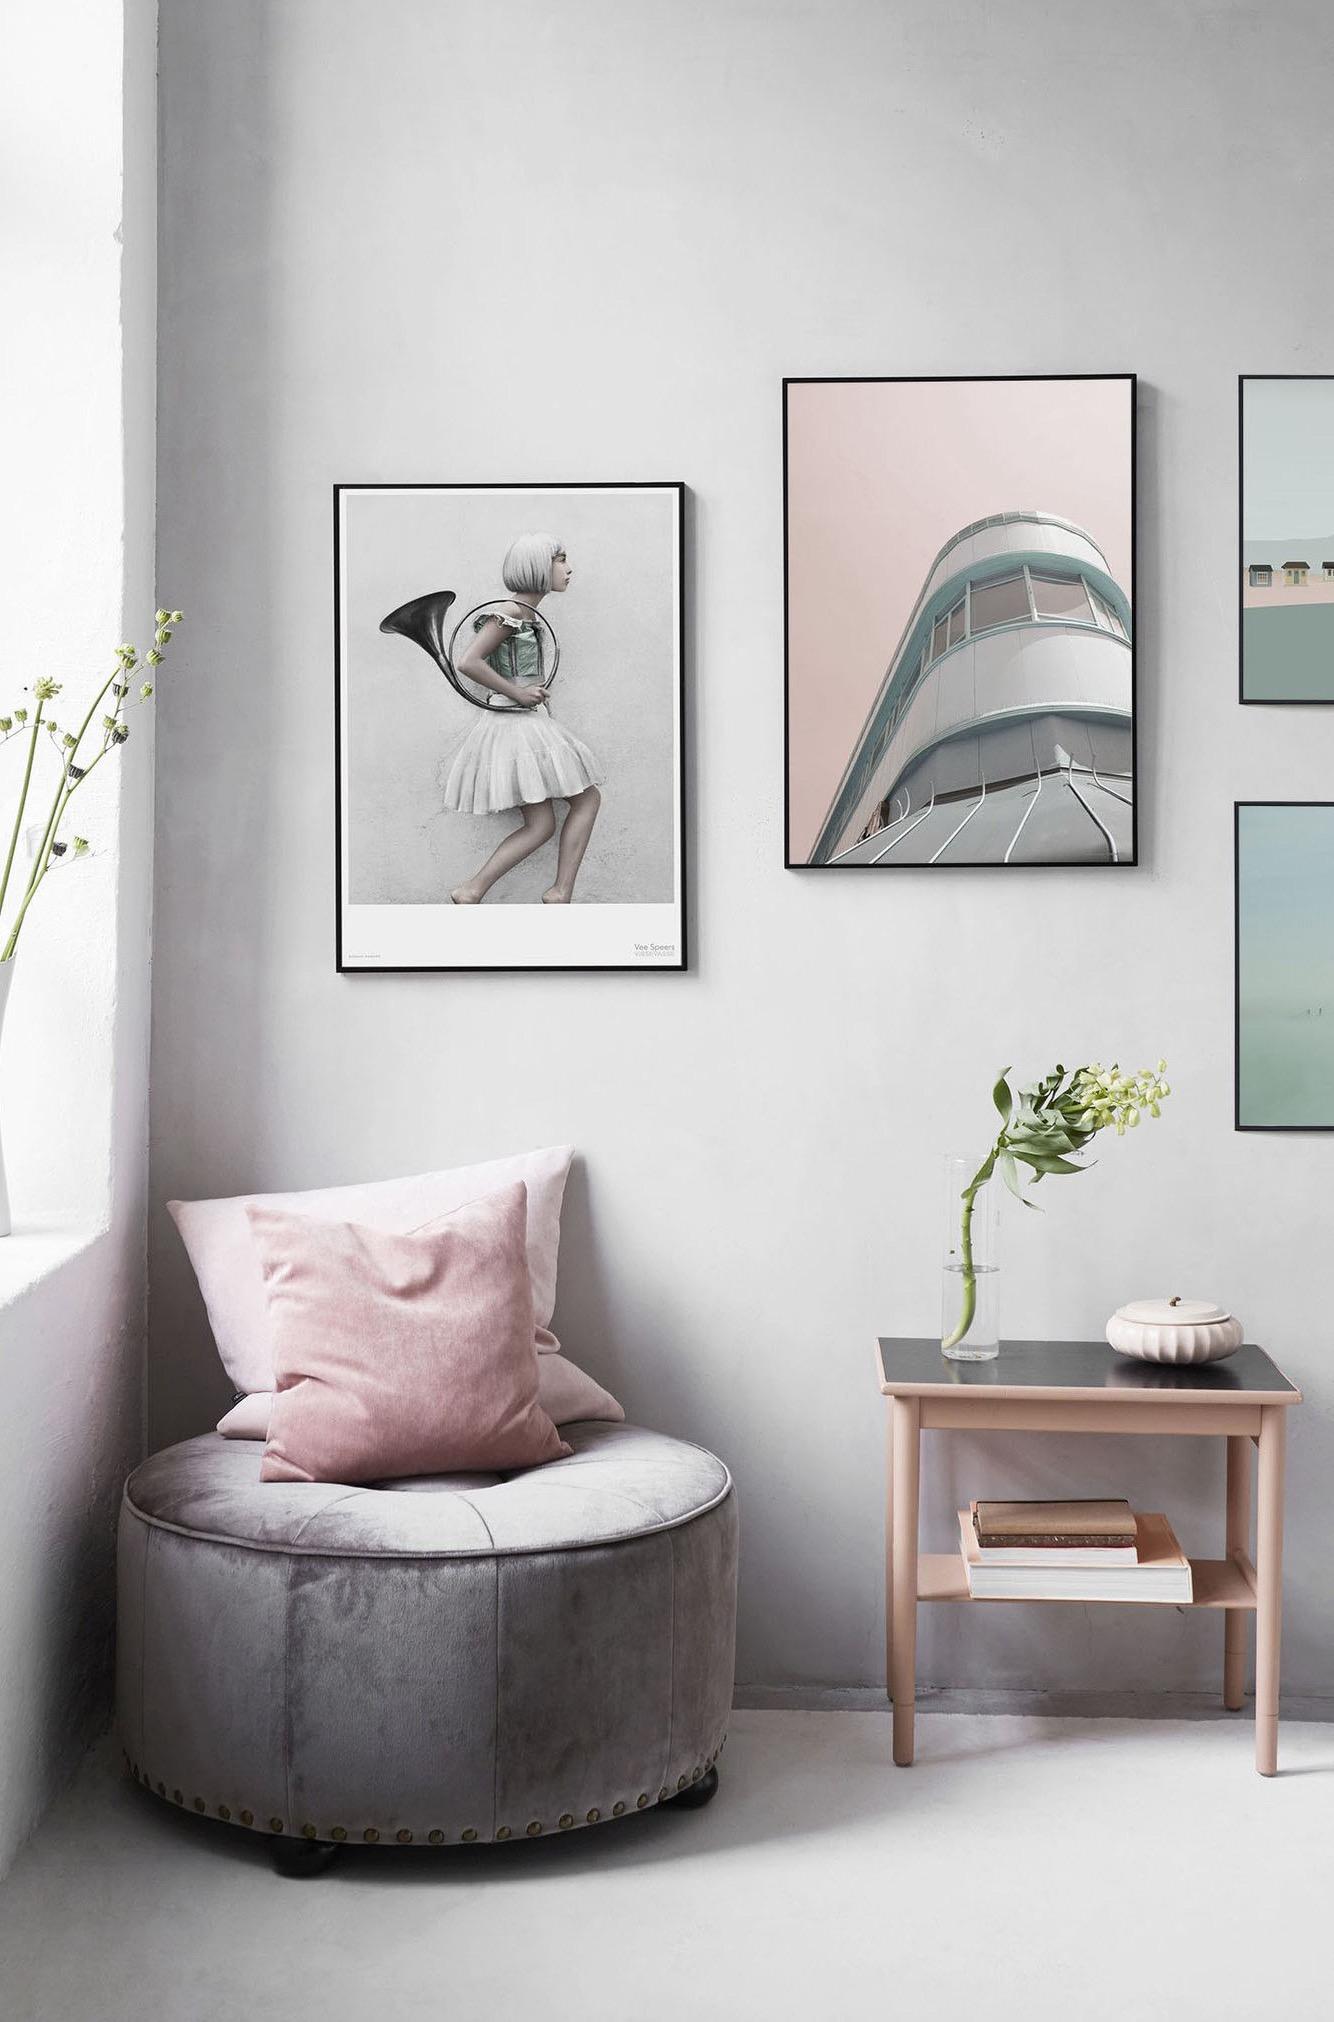 Quer ter um espaço para relaxar? Coloque um puff confortável no cantinho da sua casa.